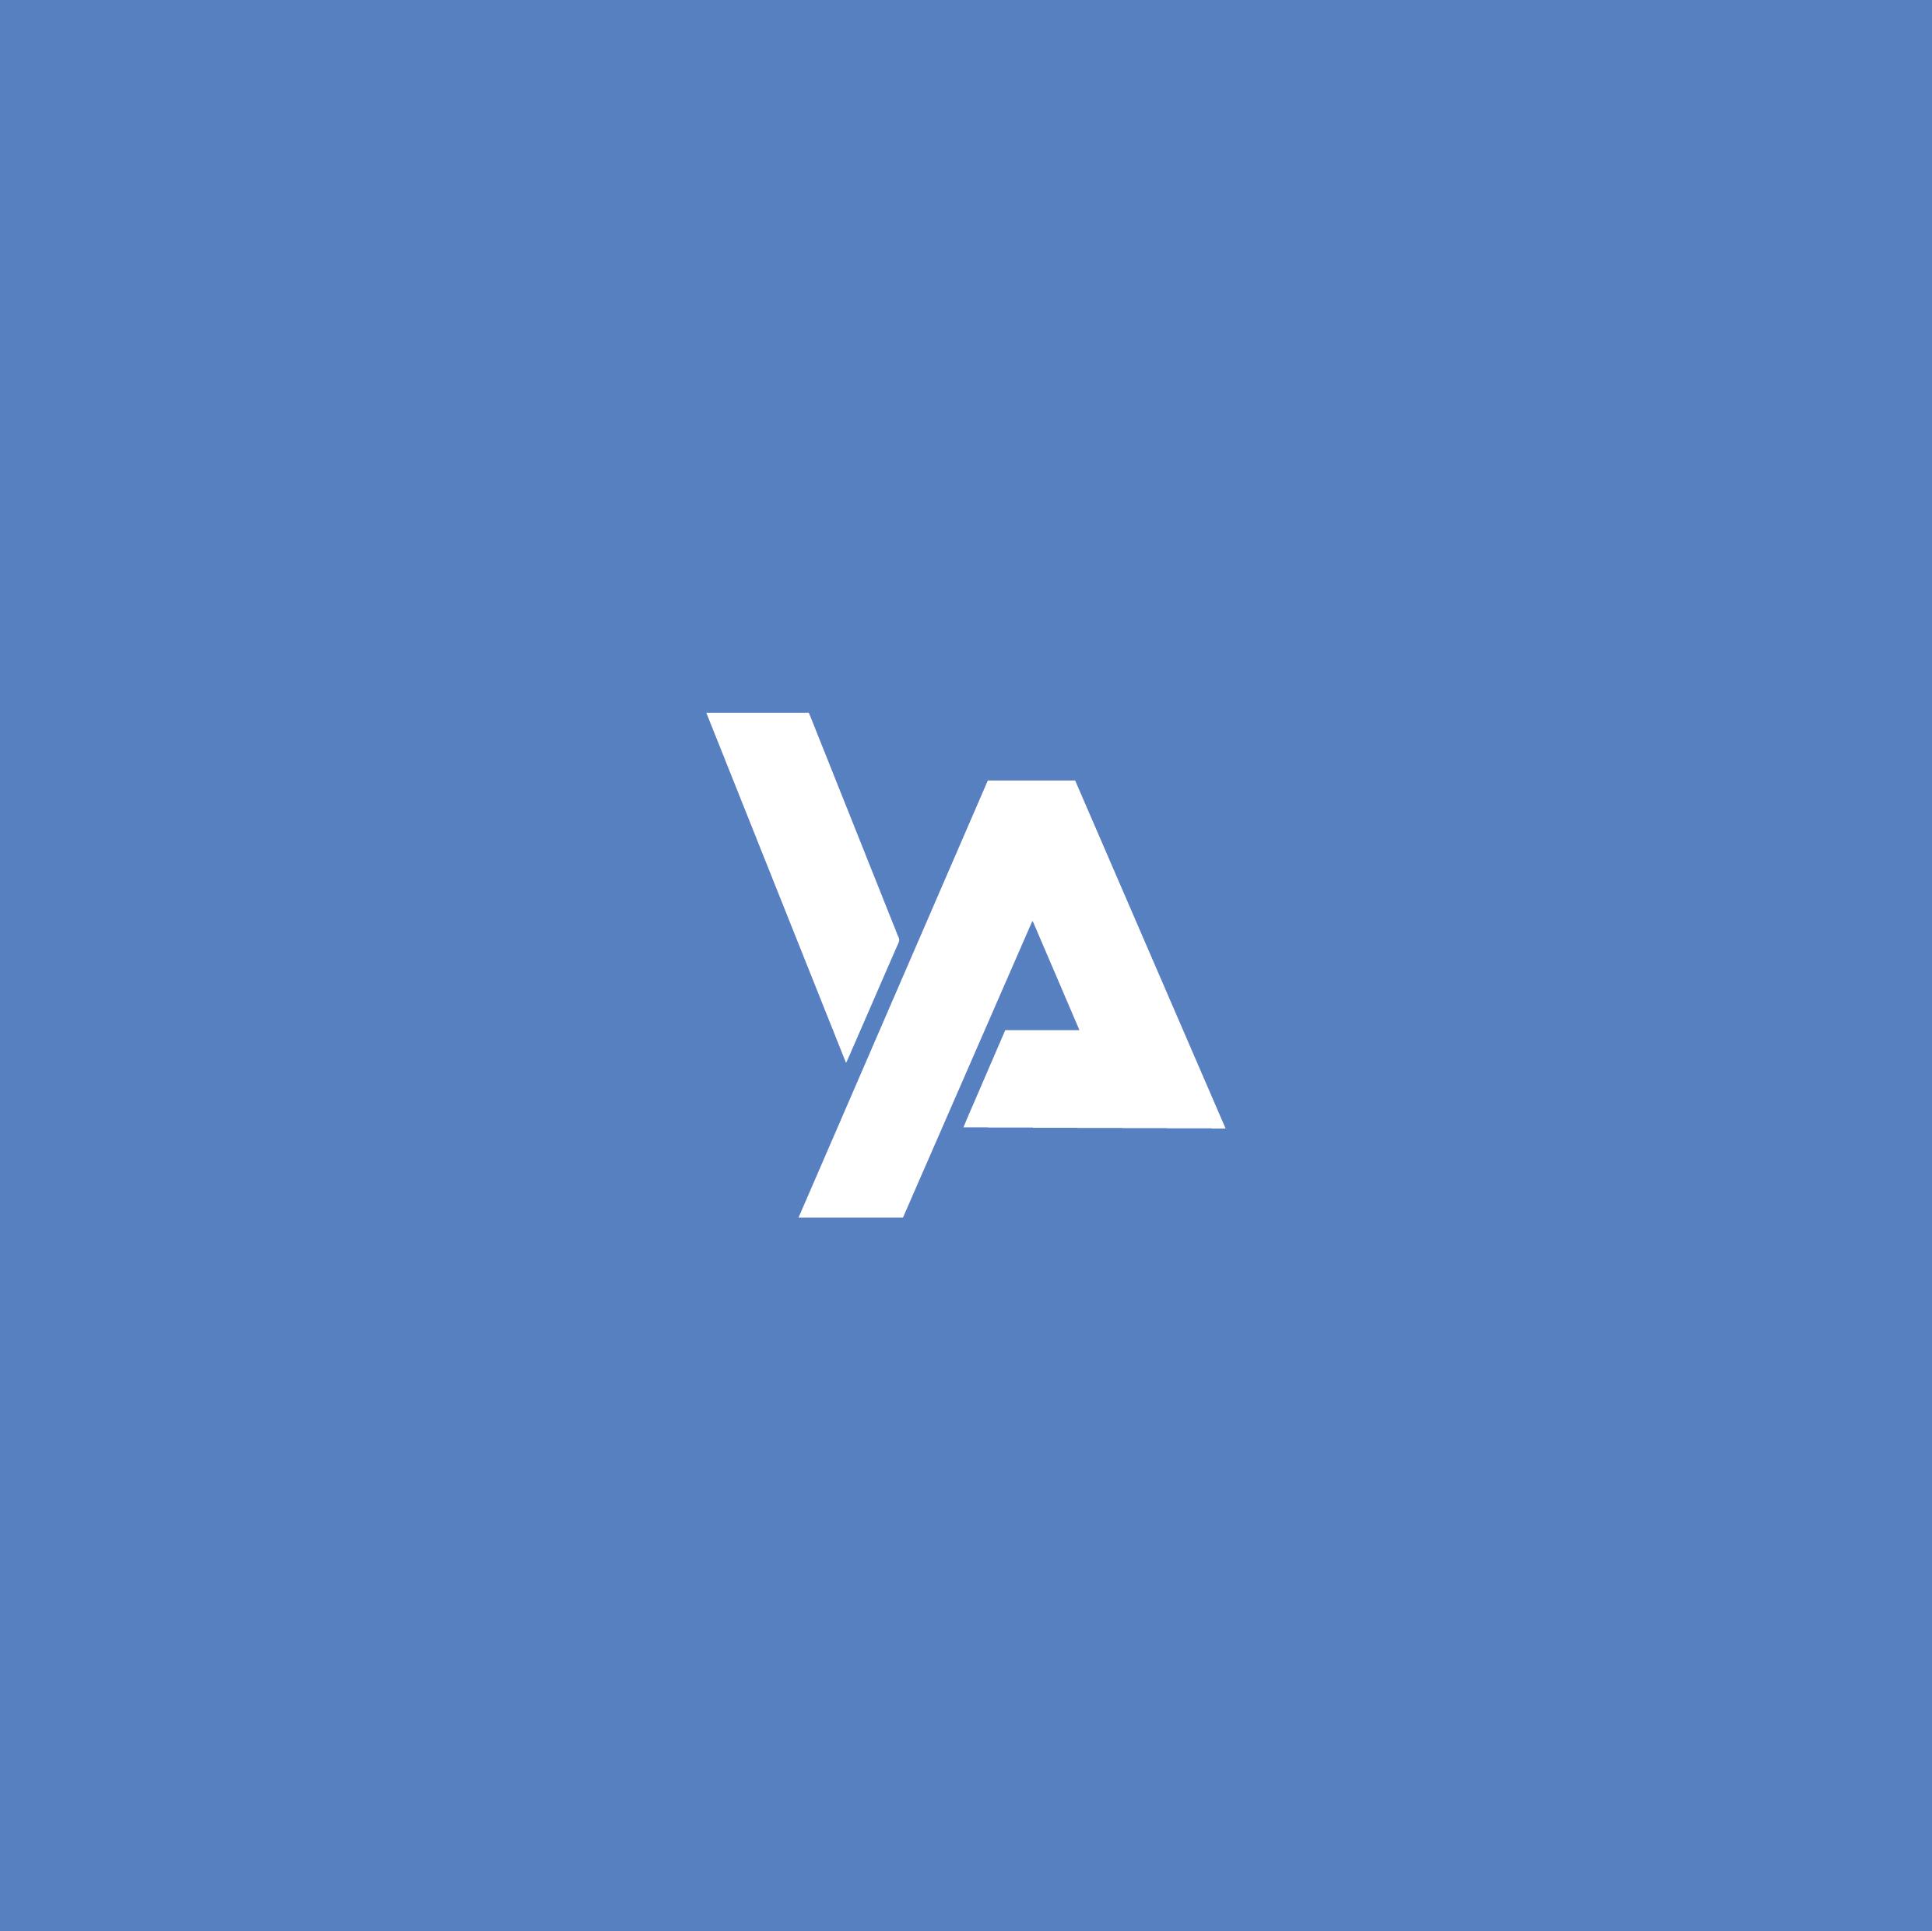 Clm-ya-logo-blue-01.jpg